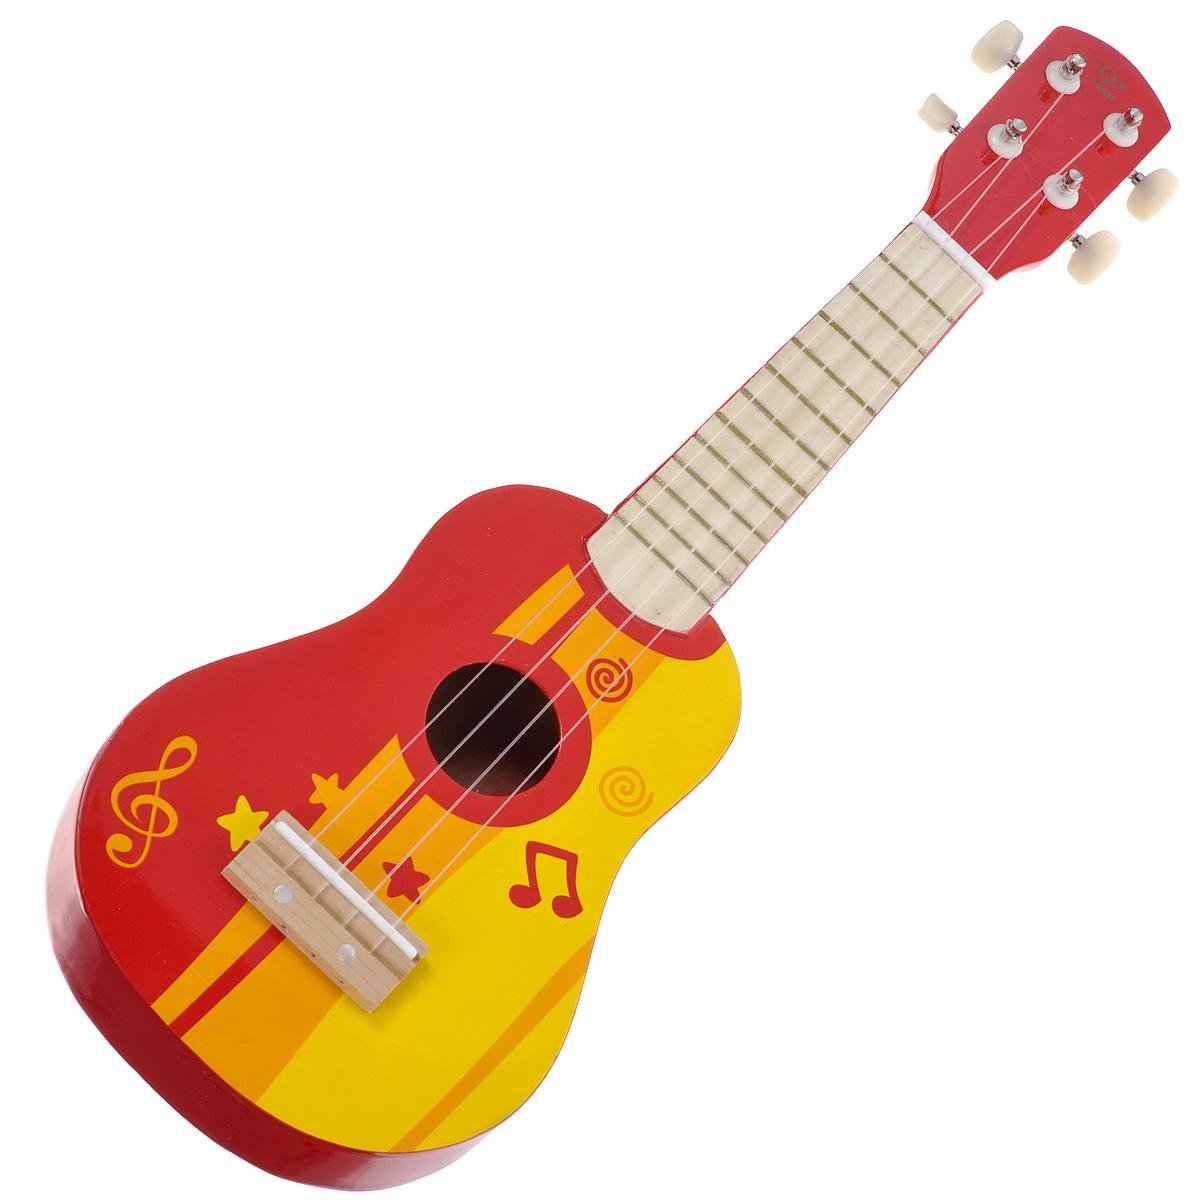 Hape Игрушка деревянная Гитара, цвет: красный, желтый. Е0316е0316